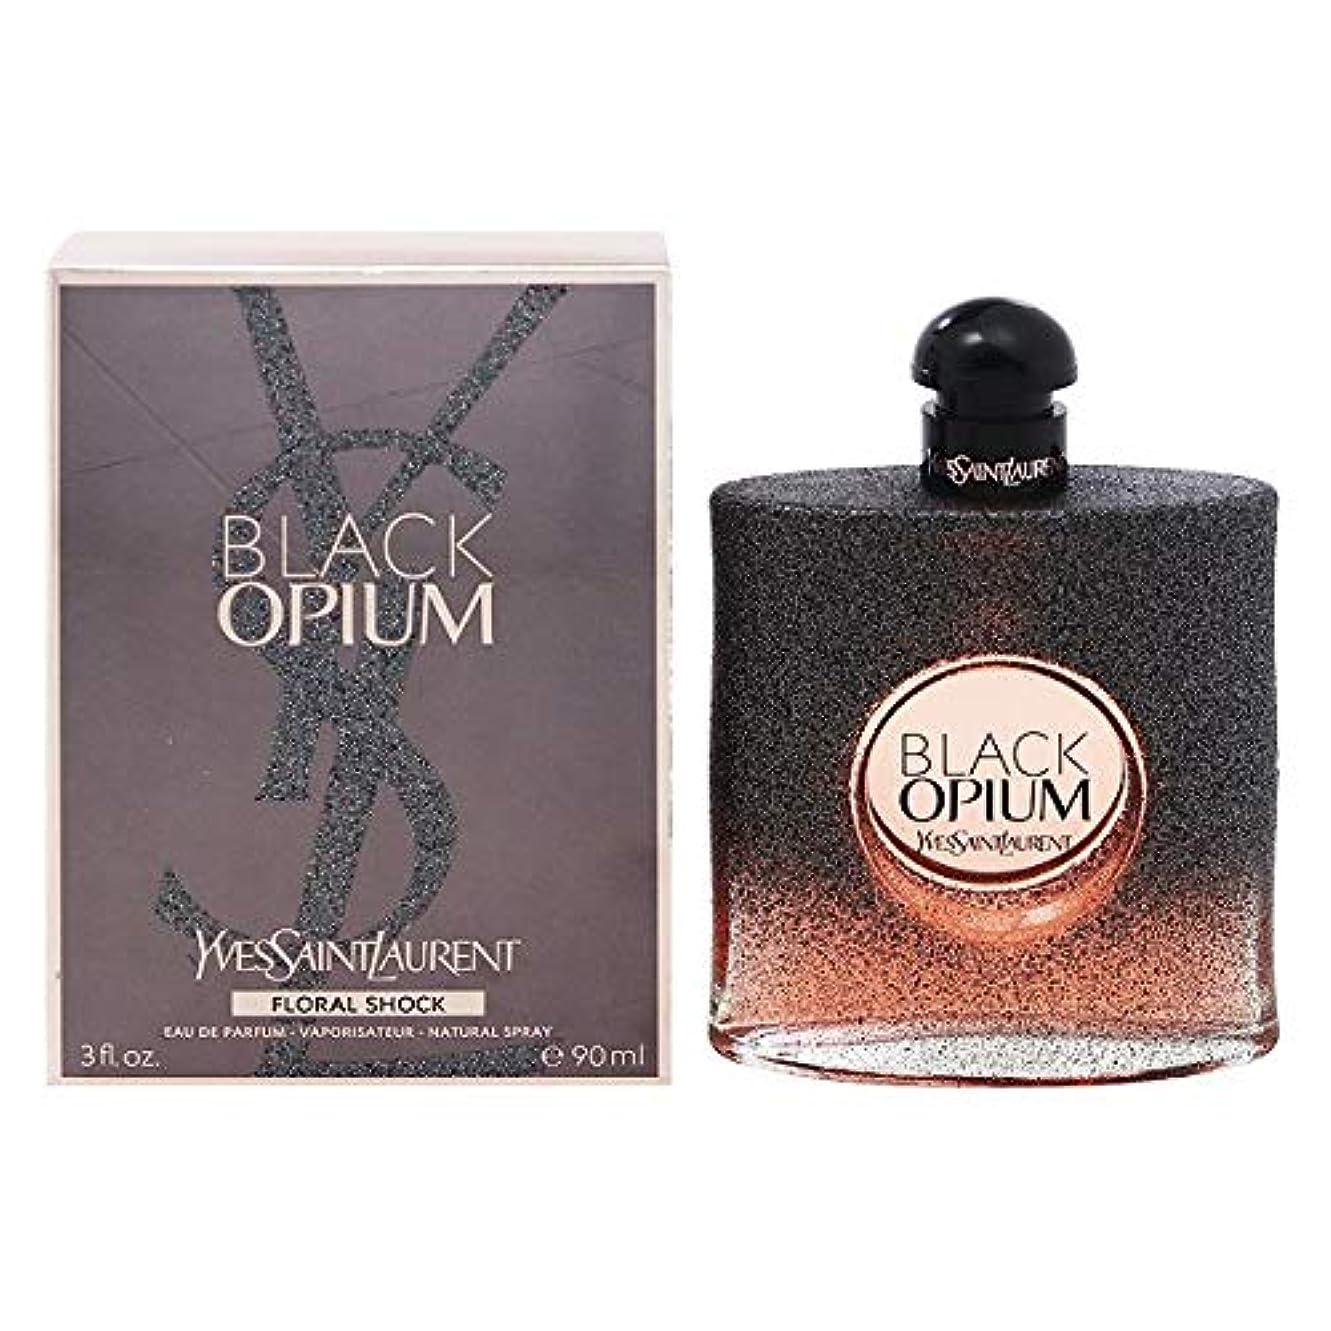 バラ色結婚式肥沃なブラック オピウム フローラル ショック オーデパルファム?スプレータイプ 90ml 【イヴサンローラン】 [並行輸入品]